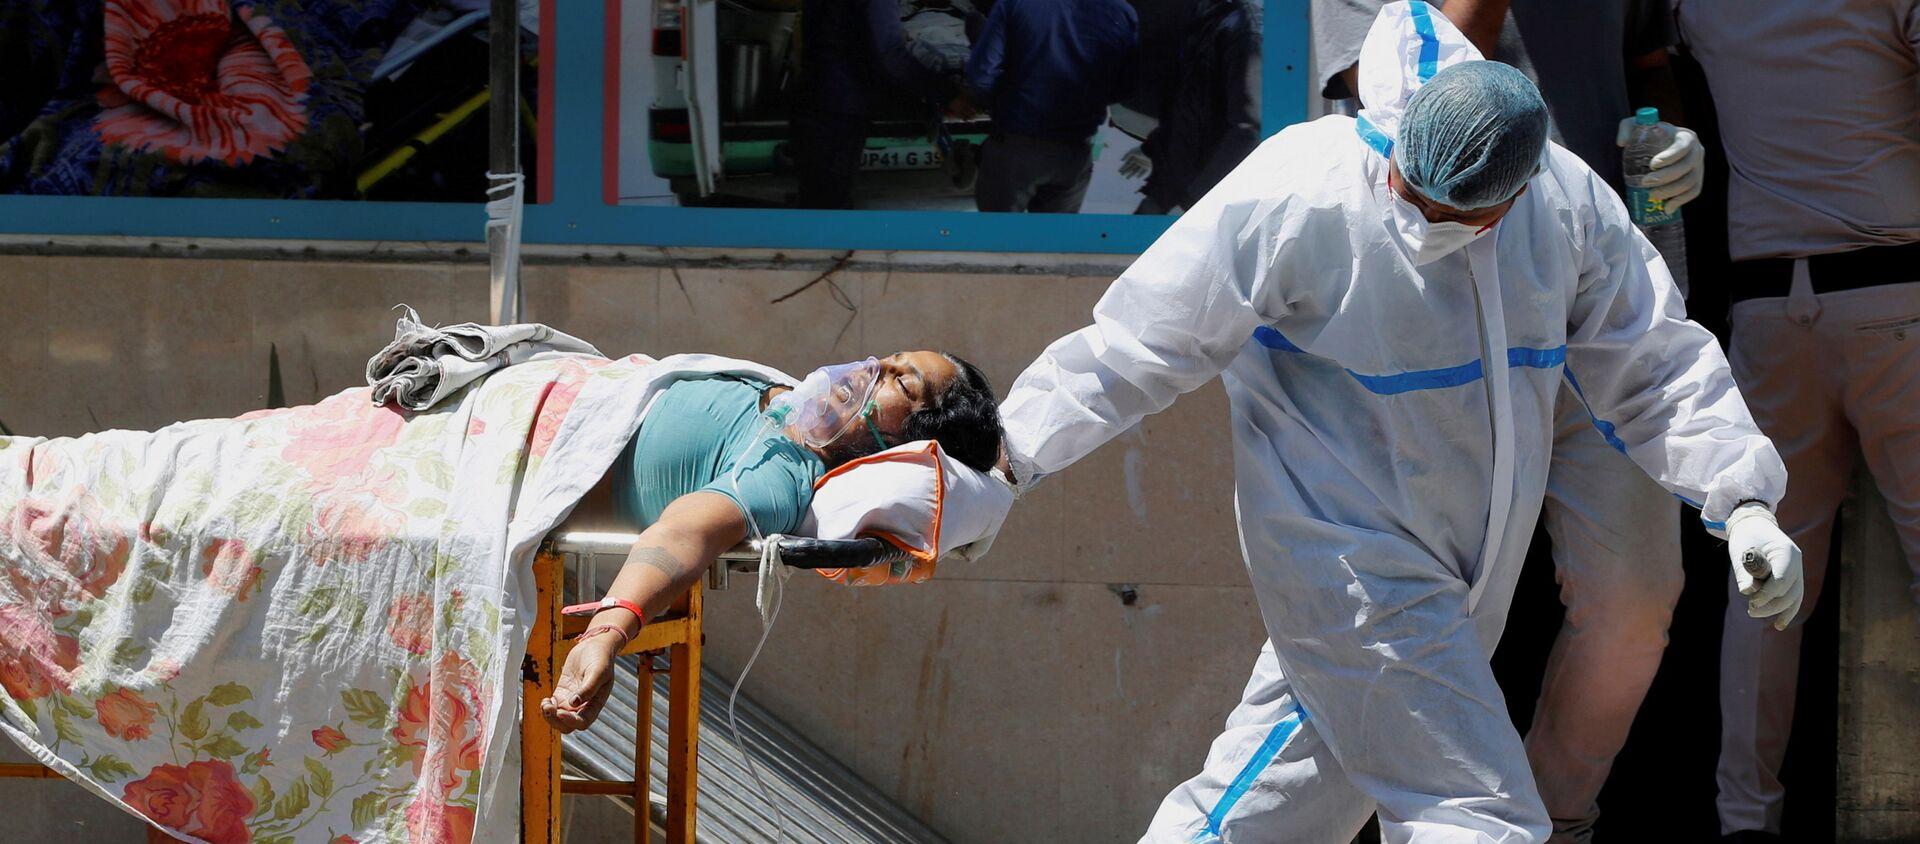 FILE PHOTO: Một nhân viên y tế mang thiết bị bảo vệ cá nhân (PPE) bế một bệnh nhân mắc bệnh do coronavirus (COVID-19) bên ngoài khu cấp cứu tại bệnh viện Guru Teg Bahadur, ở New Delhi, Ấn Độ, ngày 24 tháng 4 năm 2021. - Sputnik Việt Nam, 1920, 05.05.2021